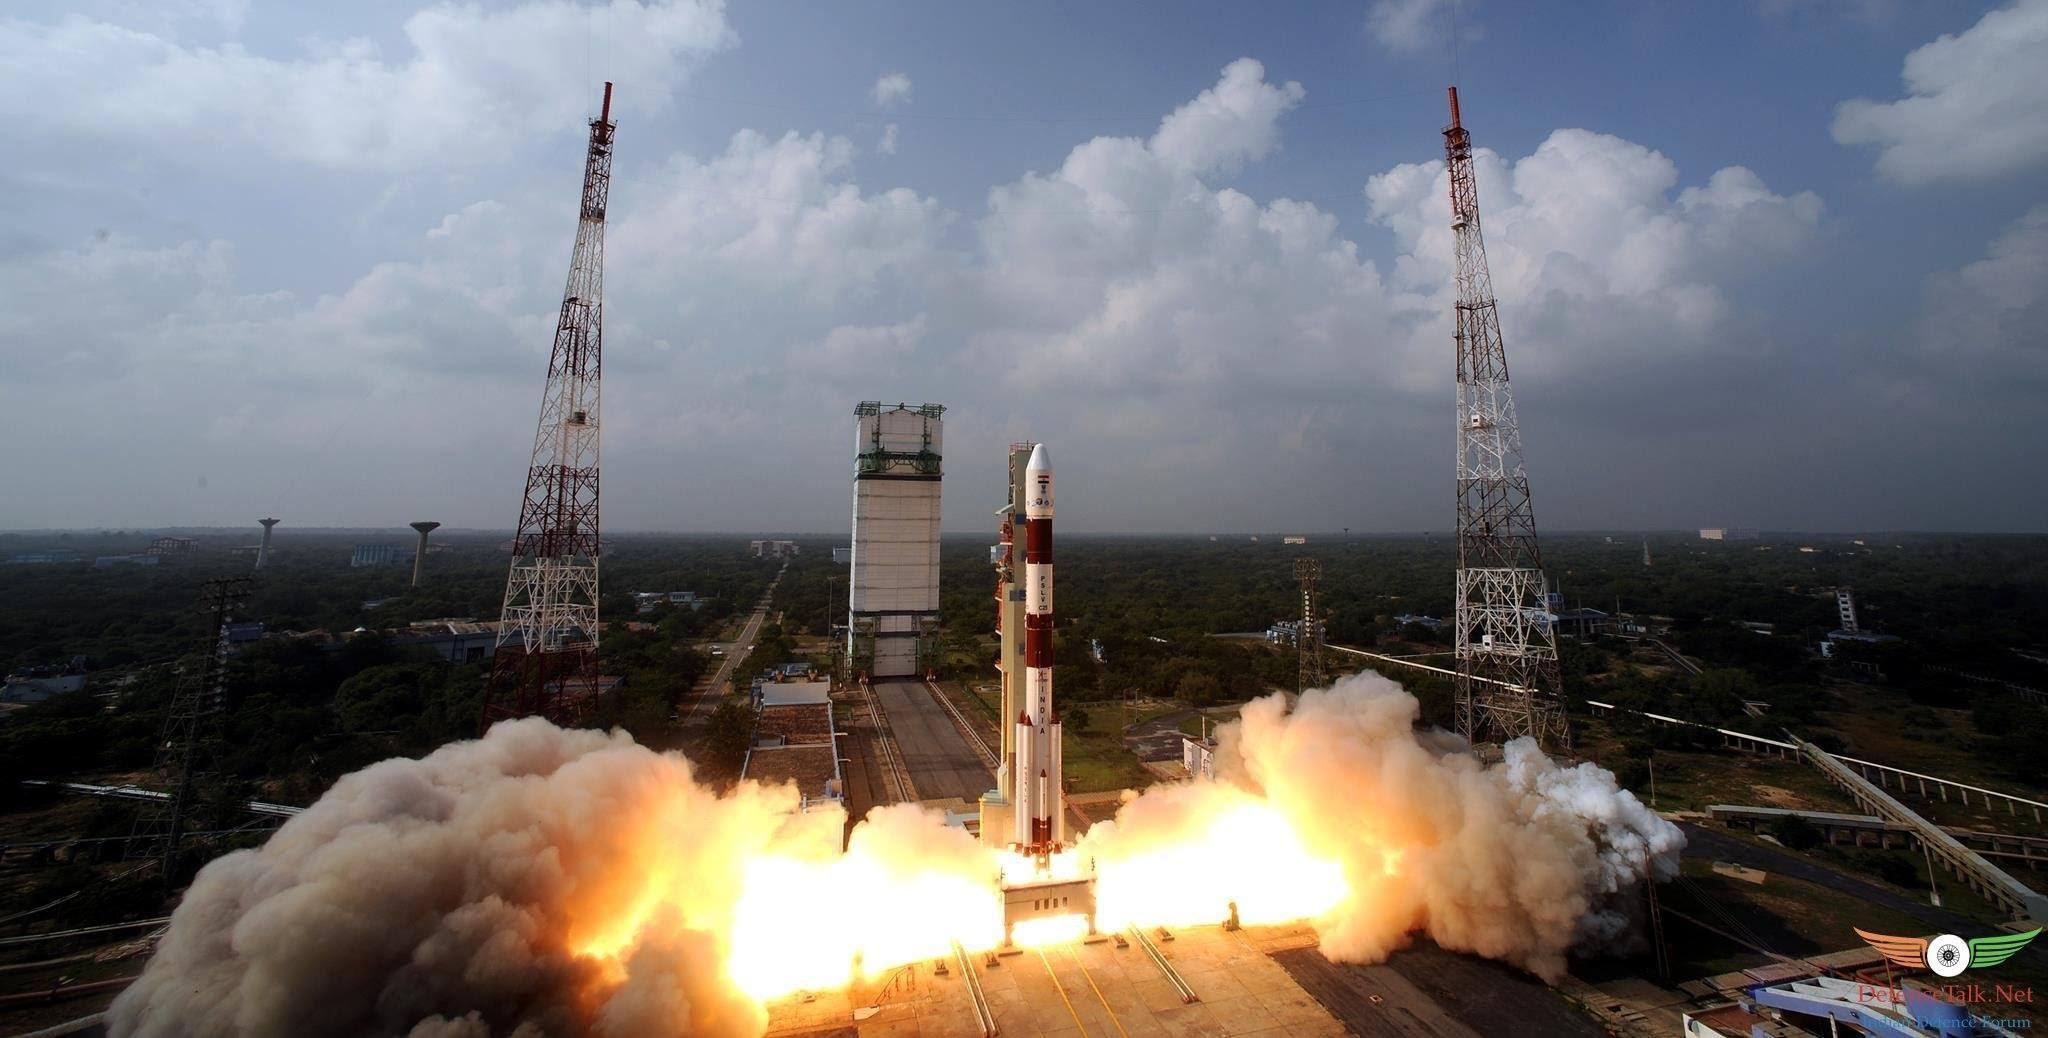 maxresdefault Instituto de Pesquisas Espaciais da Índia se prepara para substituir o GPS